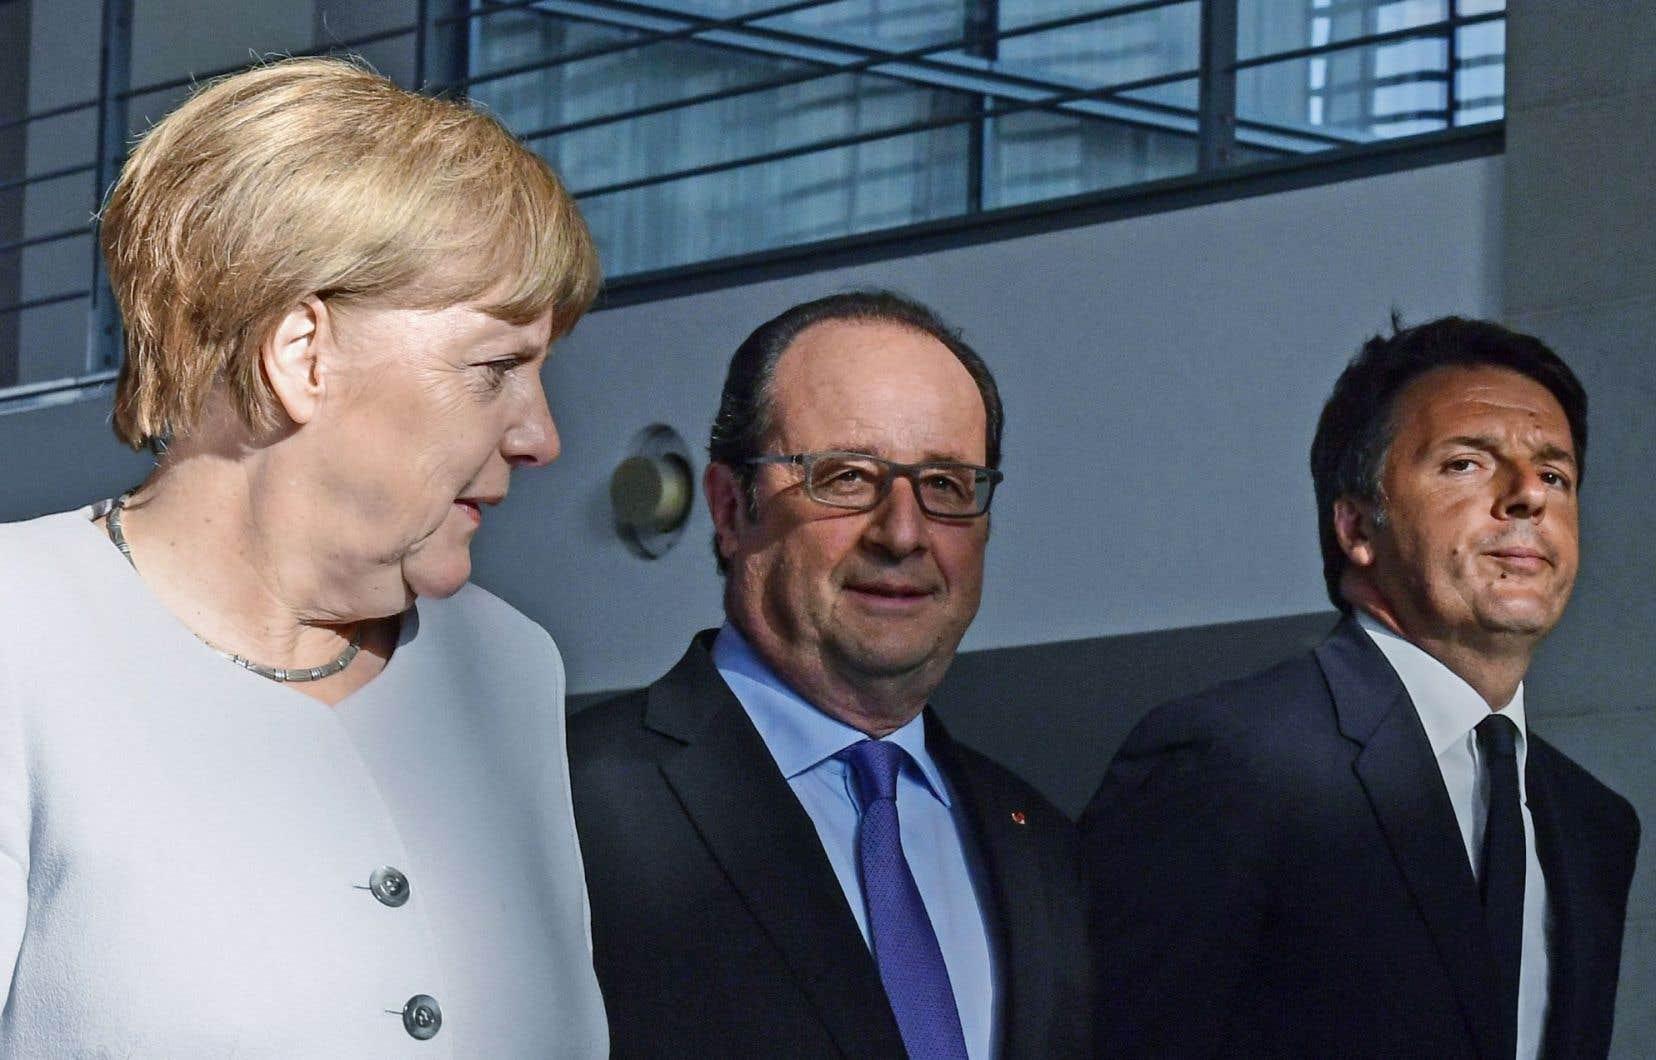 La déclaration commune des dirigeants Angela Merkel, François Hollande et Matteo Renzi propose des avancées pour l'Union européenne dans les domaines de «la défense, la croissance, l'emploi et la compétitivité».